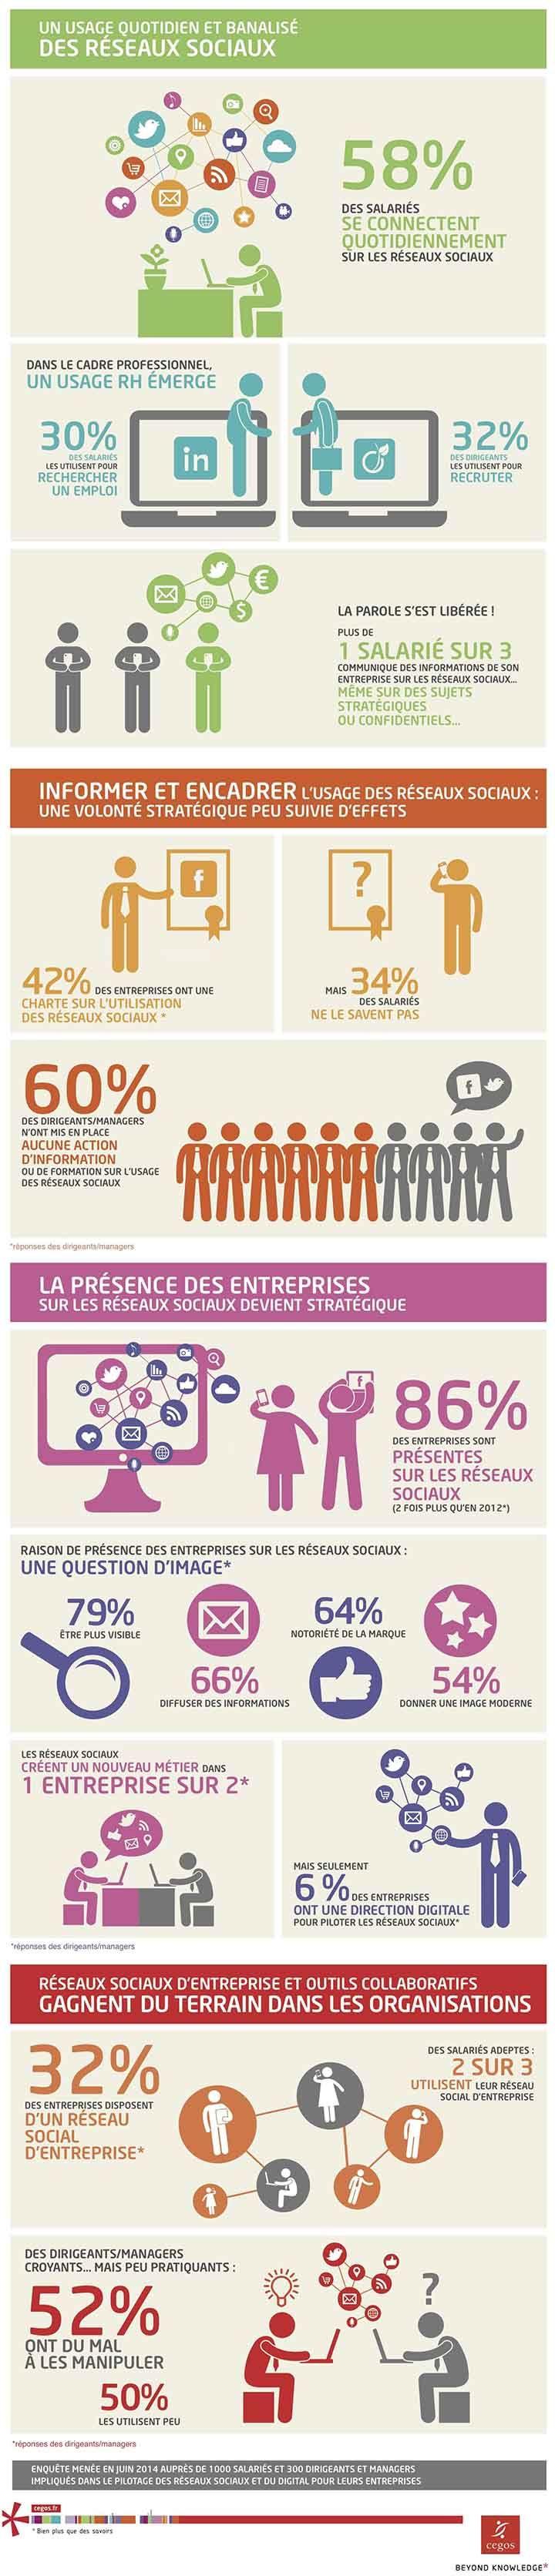 usages et bénéfices recherchés dans les réseaux sociaux au sein des entreprises #socialMedia #médiasSociaux